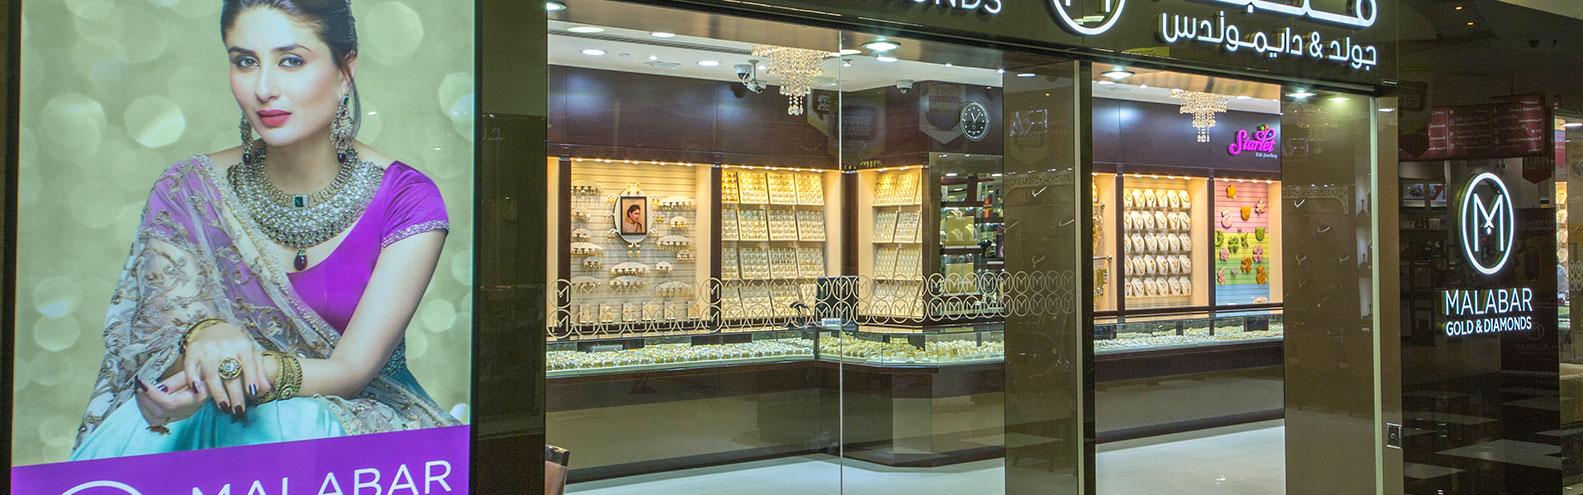 Malabar Gold & Diamonds Stores in Al-Nahda--Sharjah, AlNahda